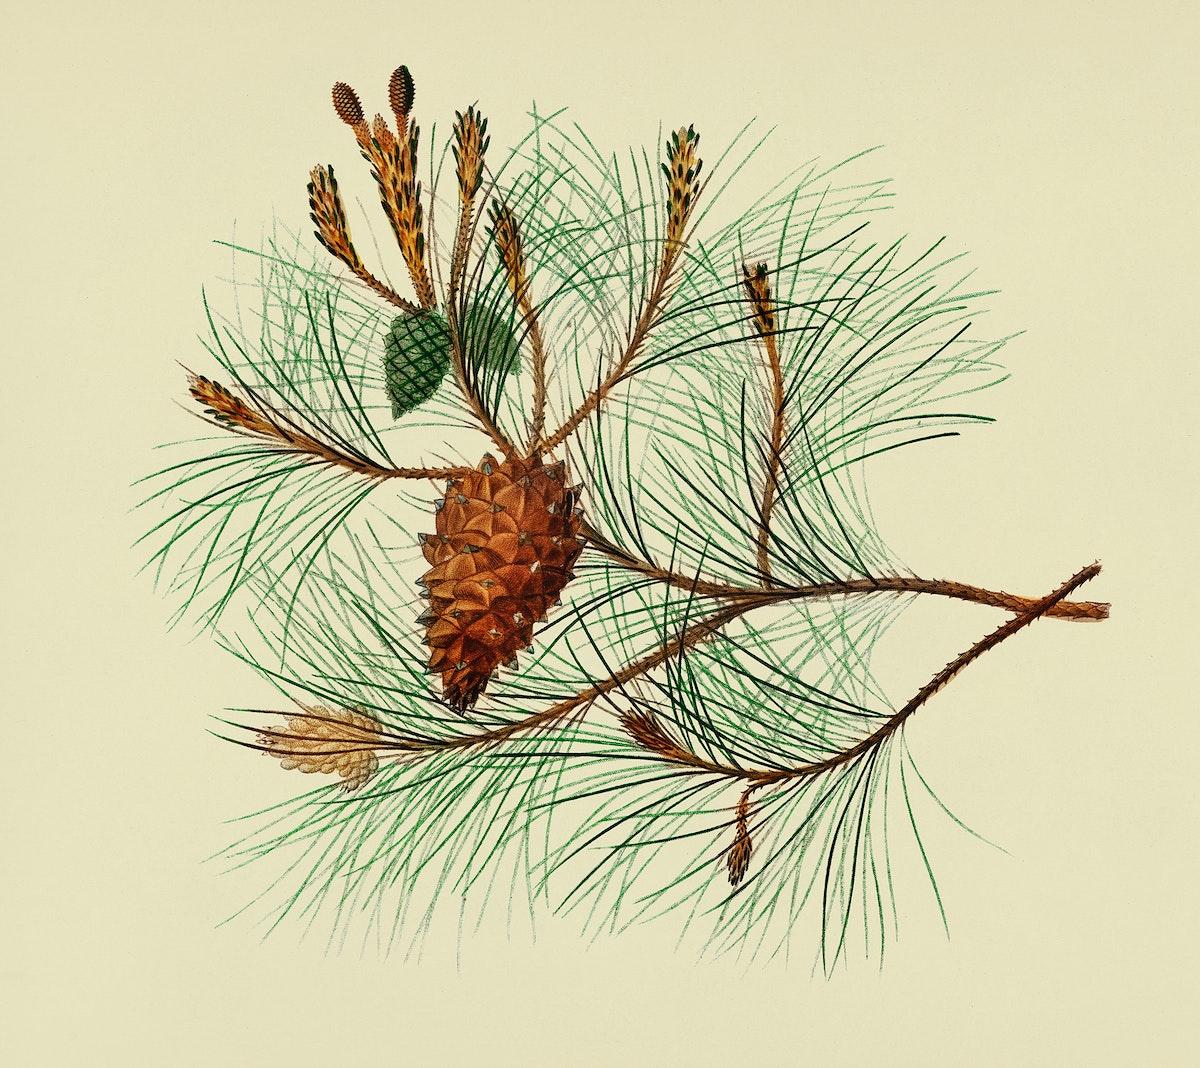 Vintage Illustration of Martime pine.